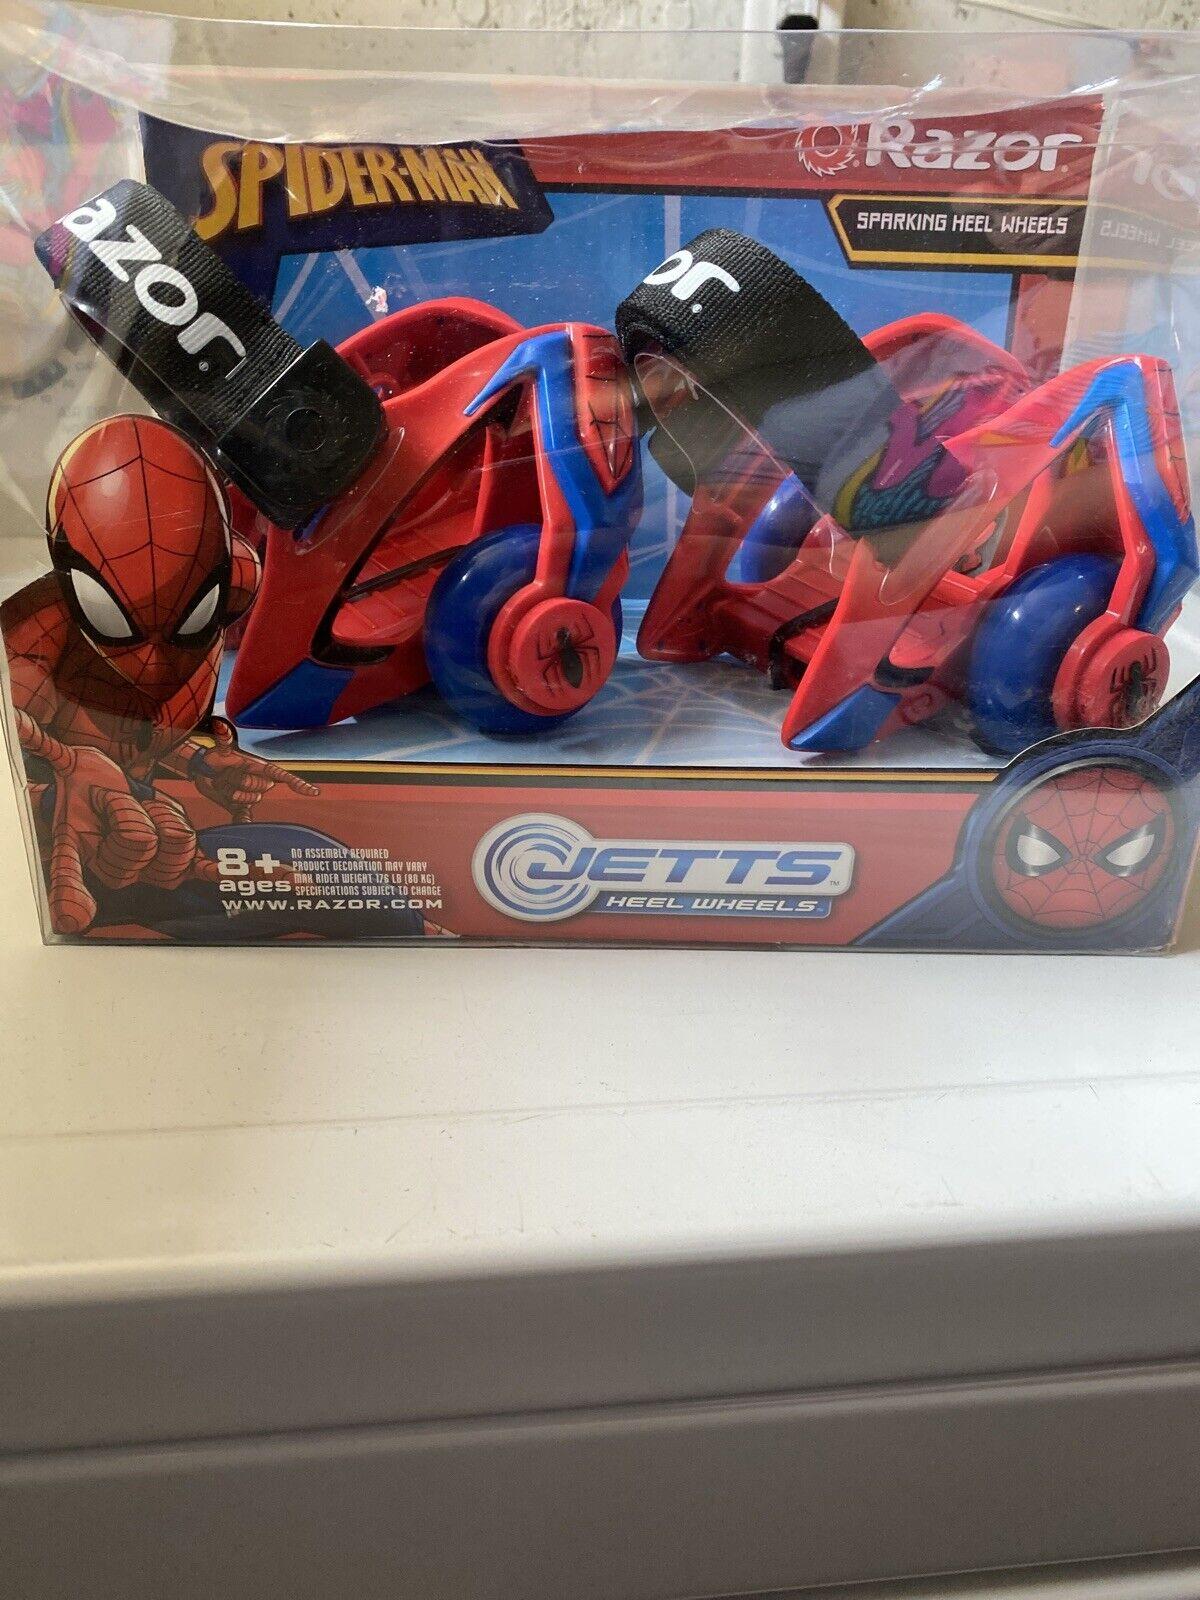 Razor Jetts Spider-Man Sparking Heel Wheels,